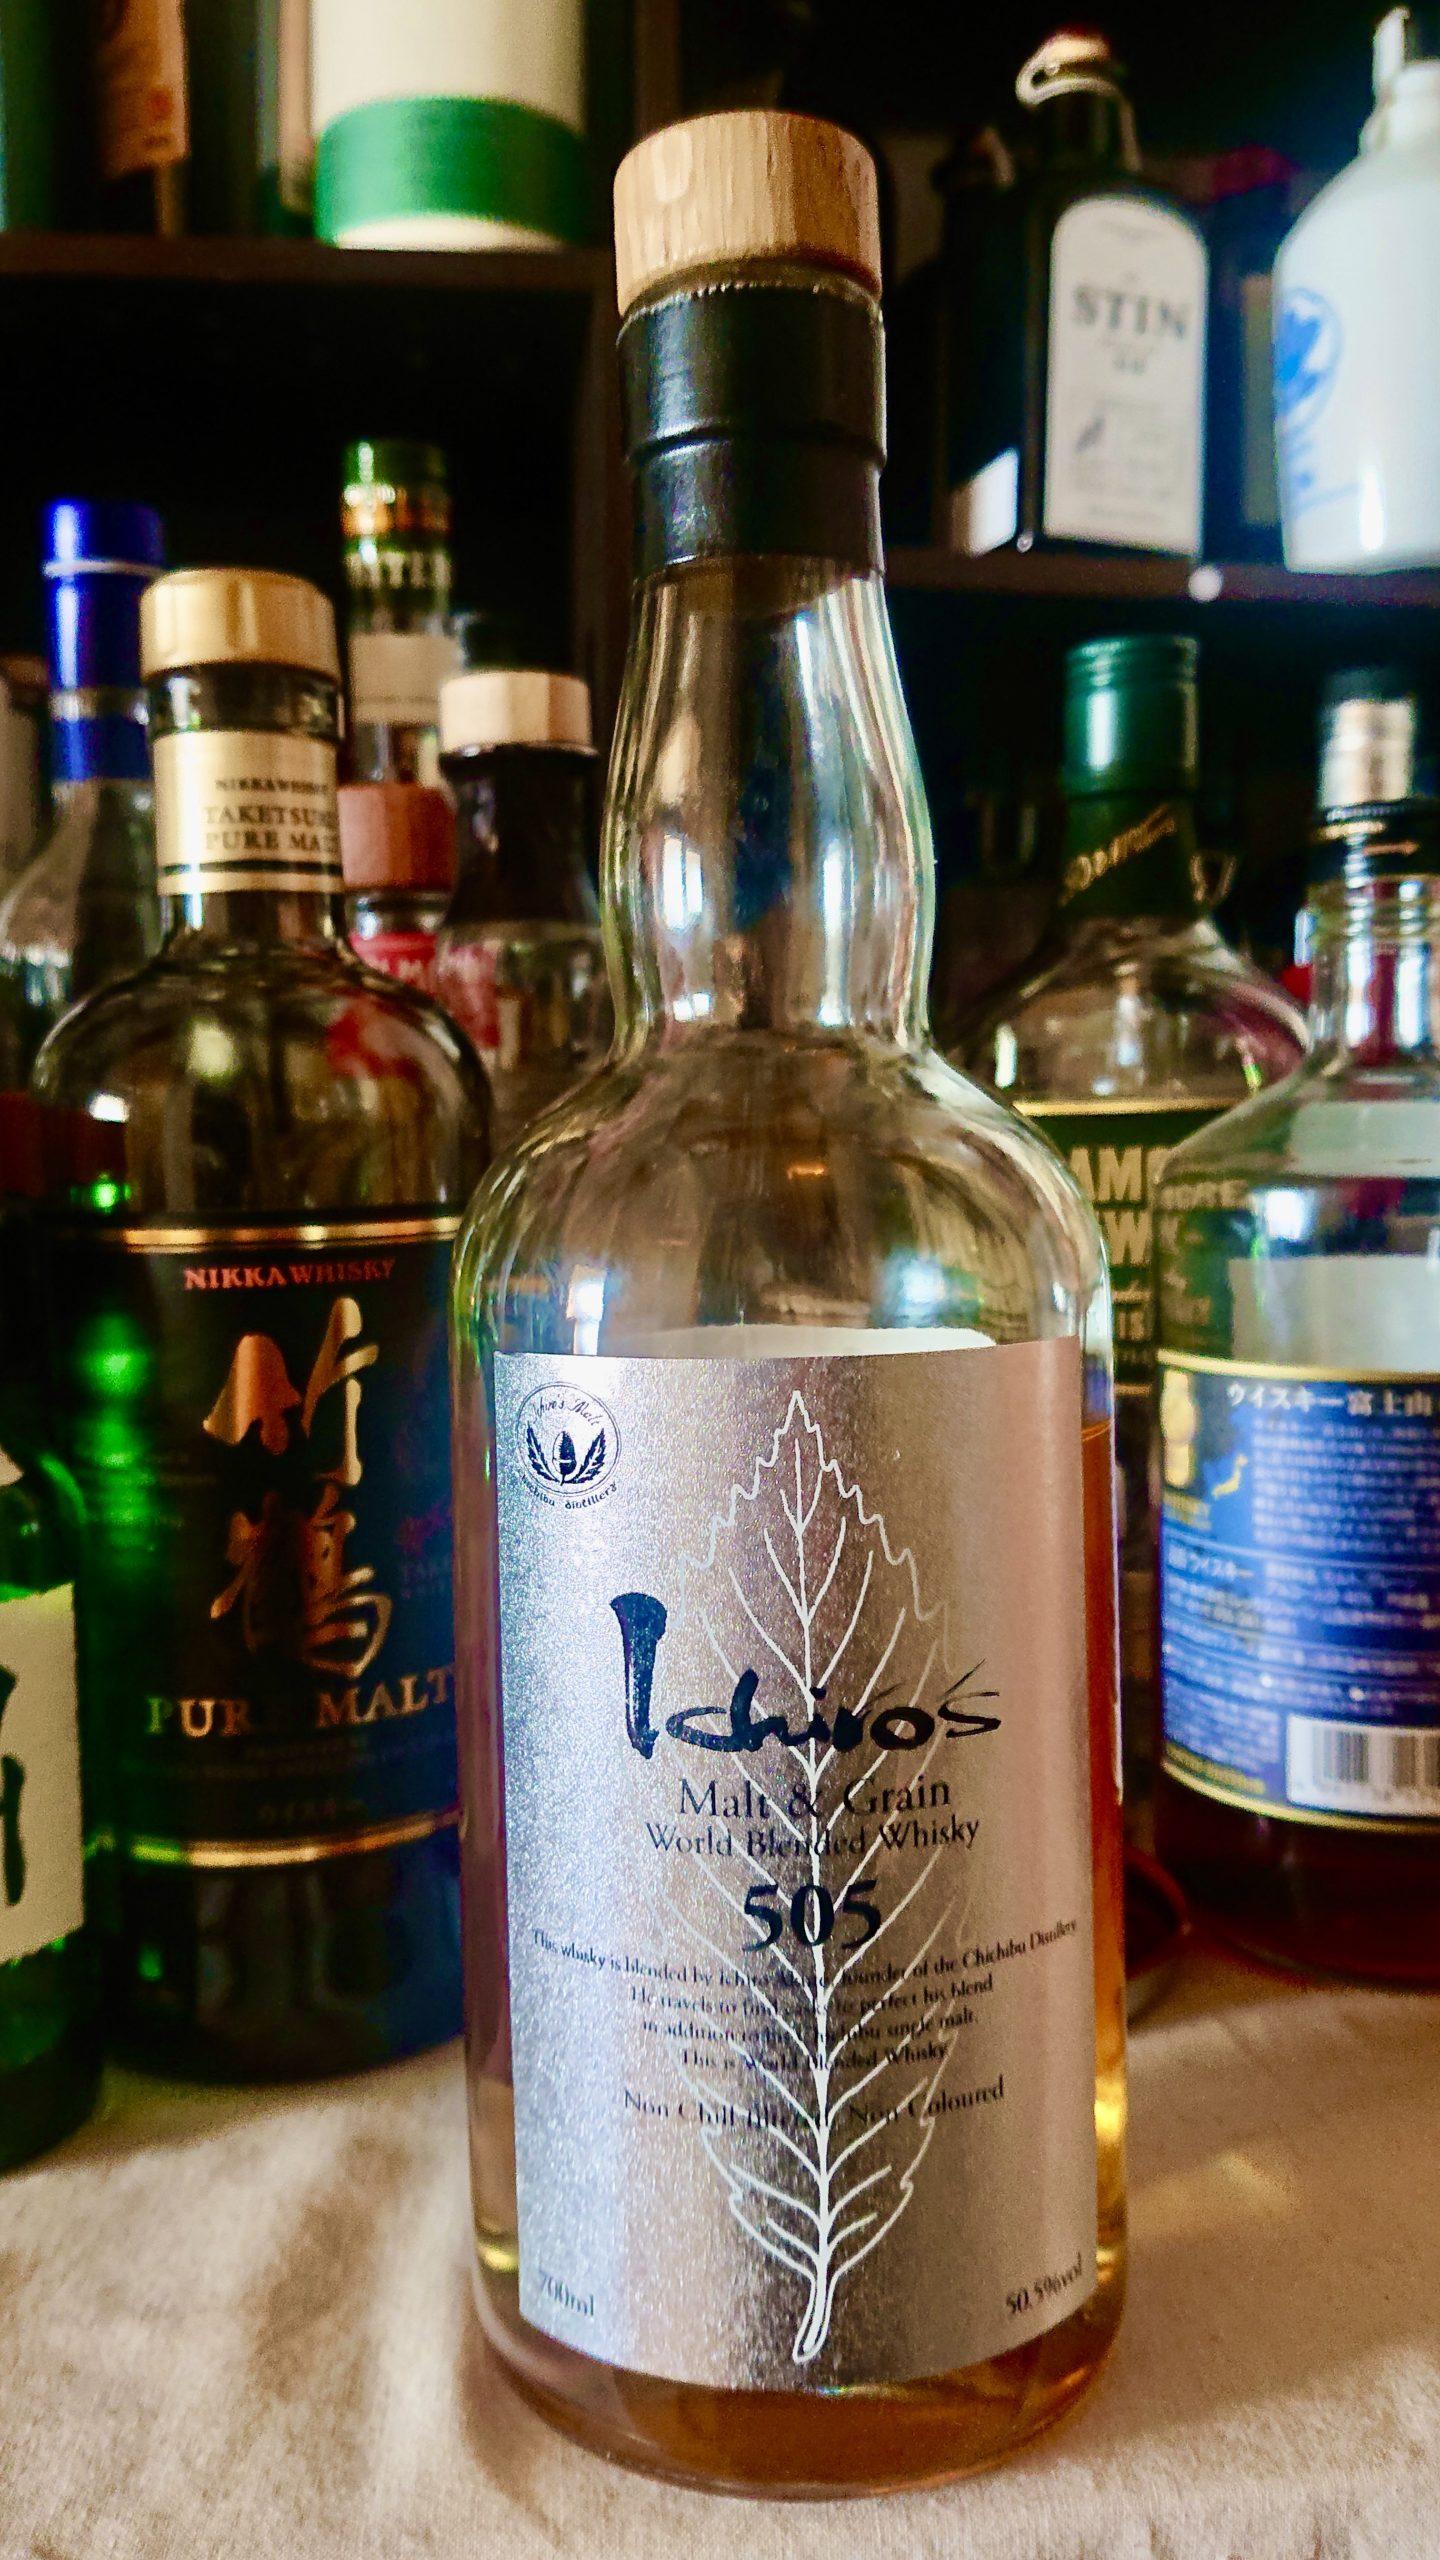 イチローズモルト&グレーン505ワールドブレンデッドのテイスティング&レヴュー・コロナ禍のメシア、モルト原酒高めのイチローズモルトスペシャルバージョン!